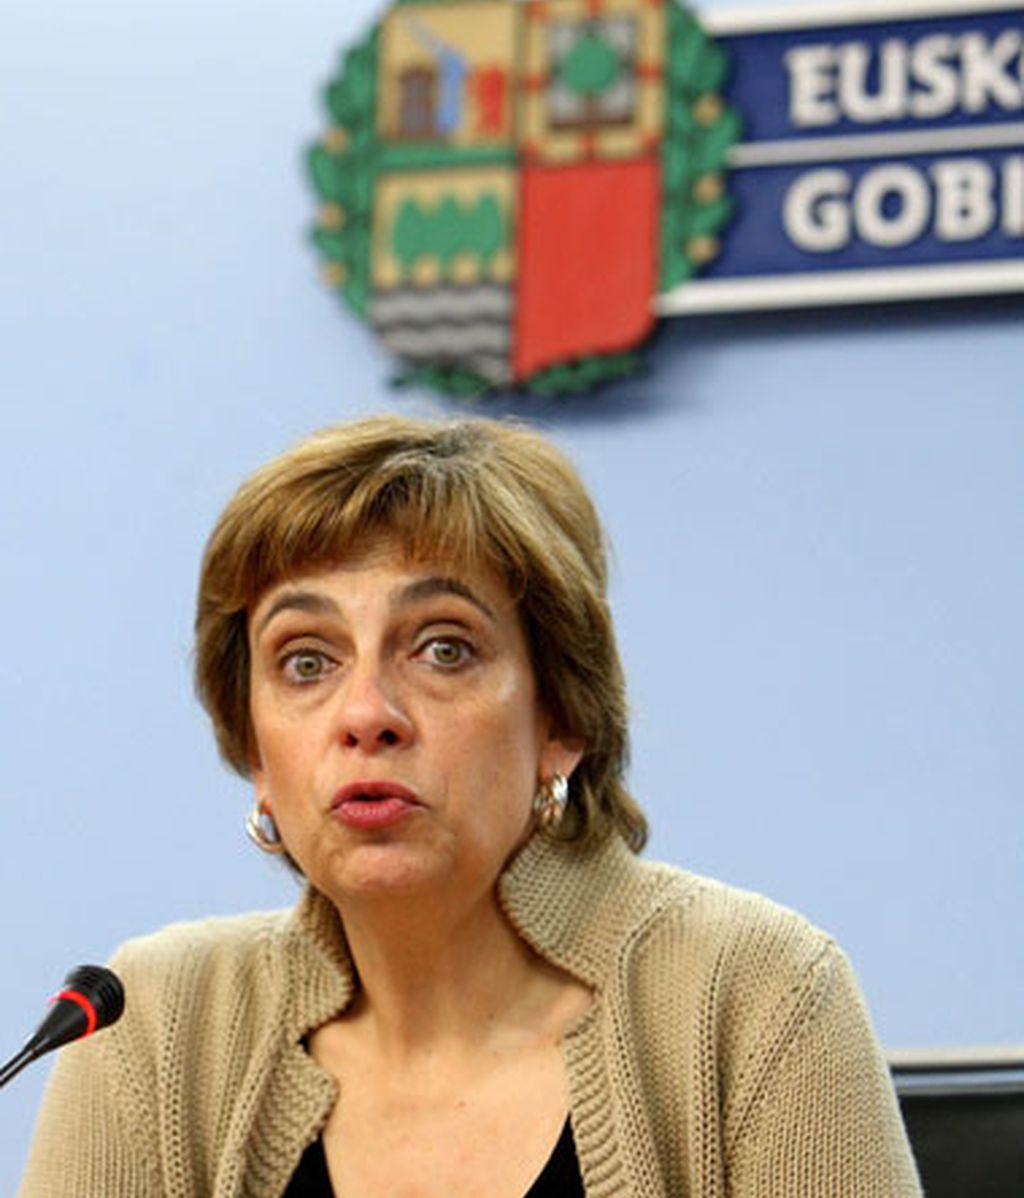 La prtavoz del Gobierno Vasco, Miren Azkarate, en declaraciones tras el atentado